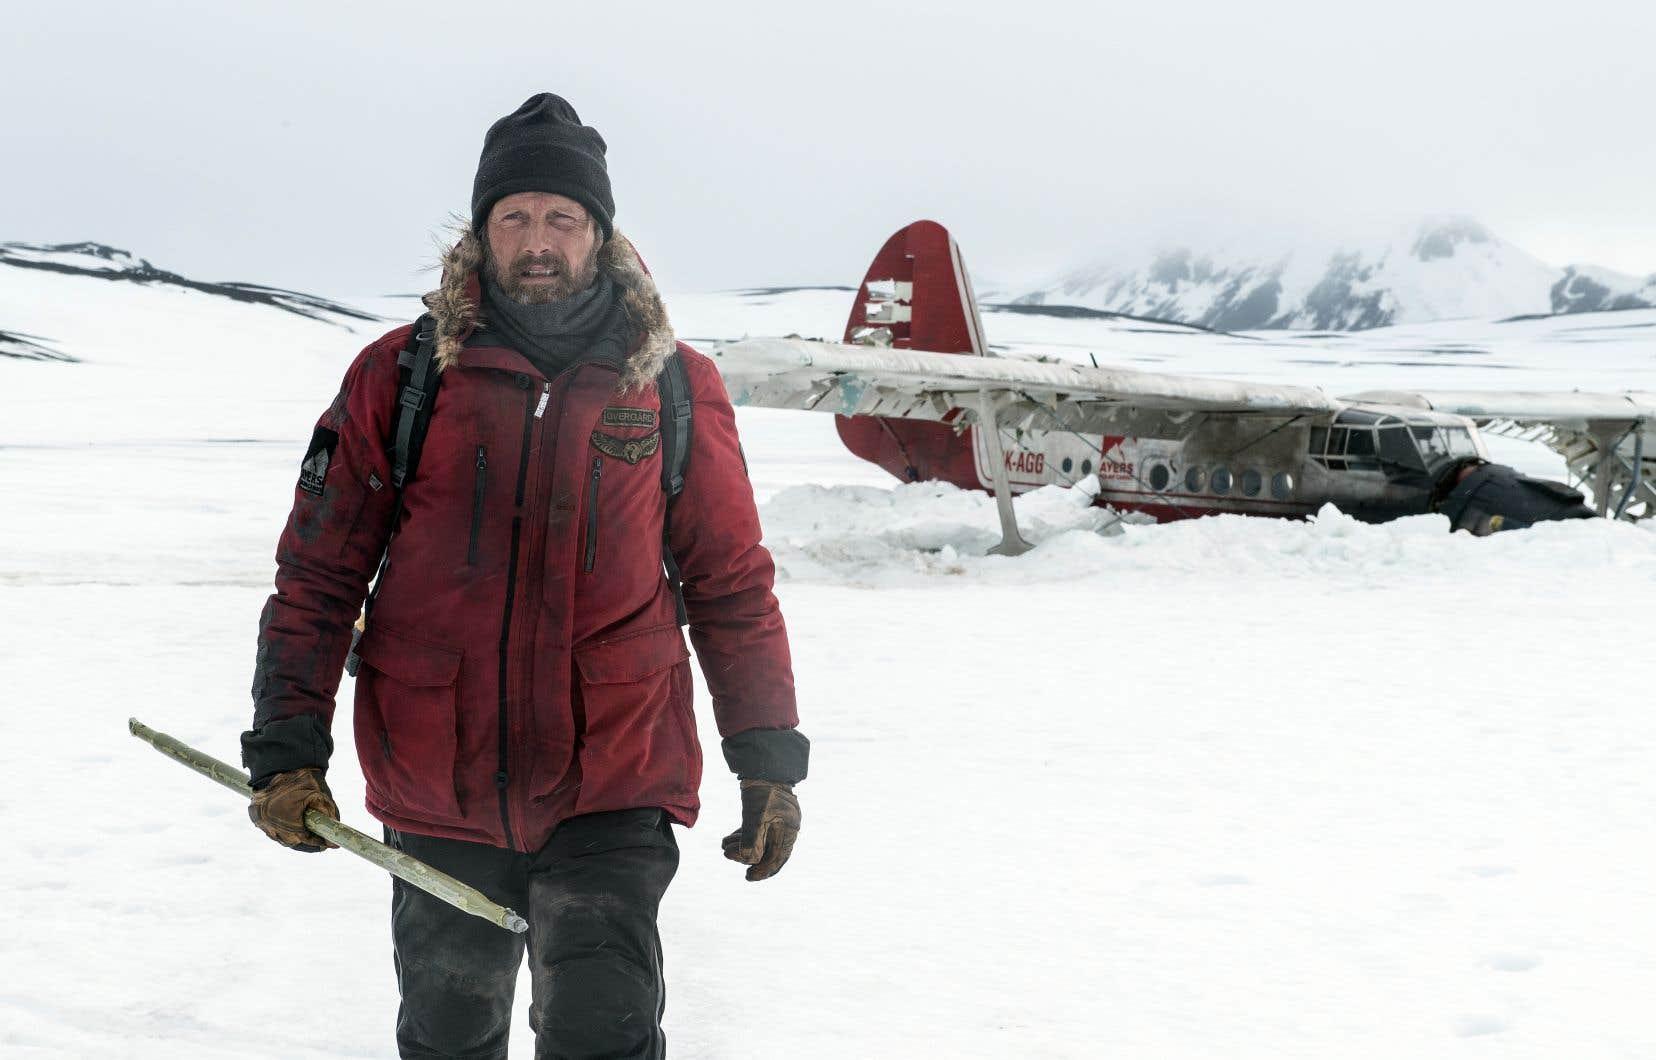 Habitant chaque scène avec une autorité tranquille, l'acteur danois Mads Mikkelsen offre une performance d'une grande richesse dramatique.